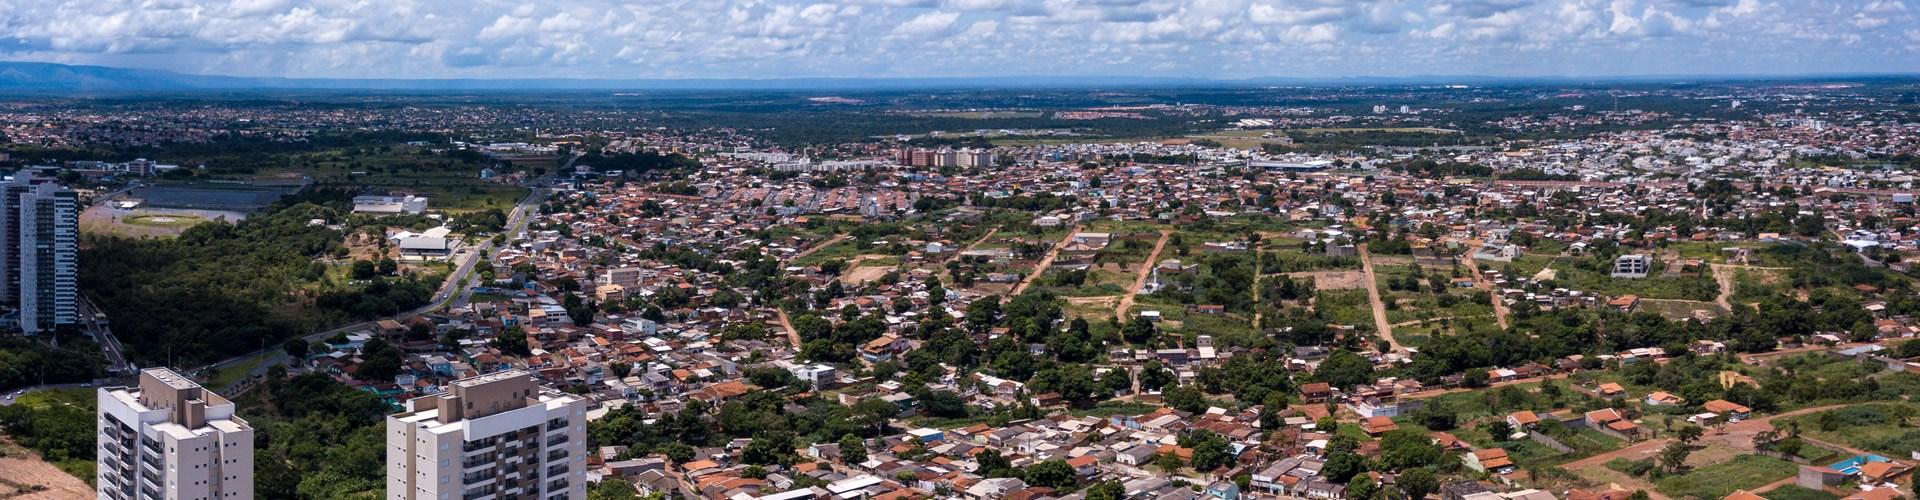 Cuiabá é uma das capitais que mais cresce no Brasil.